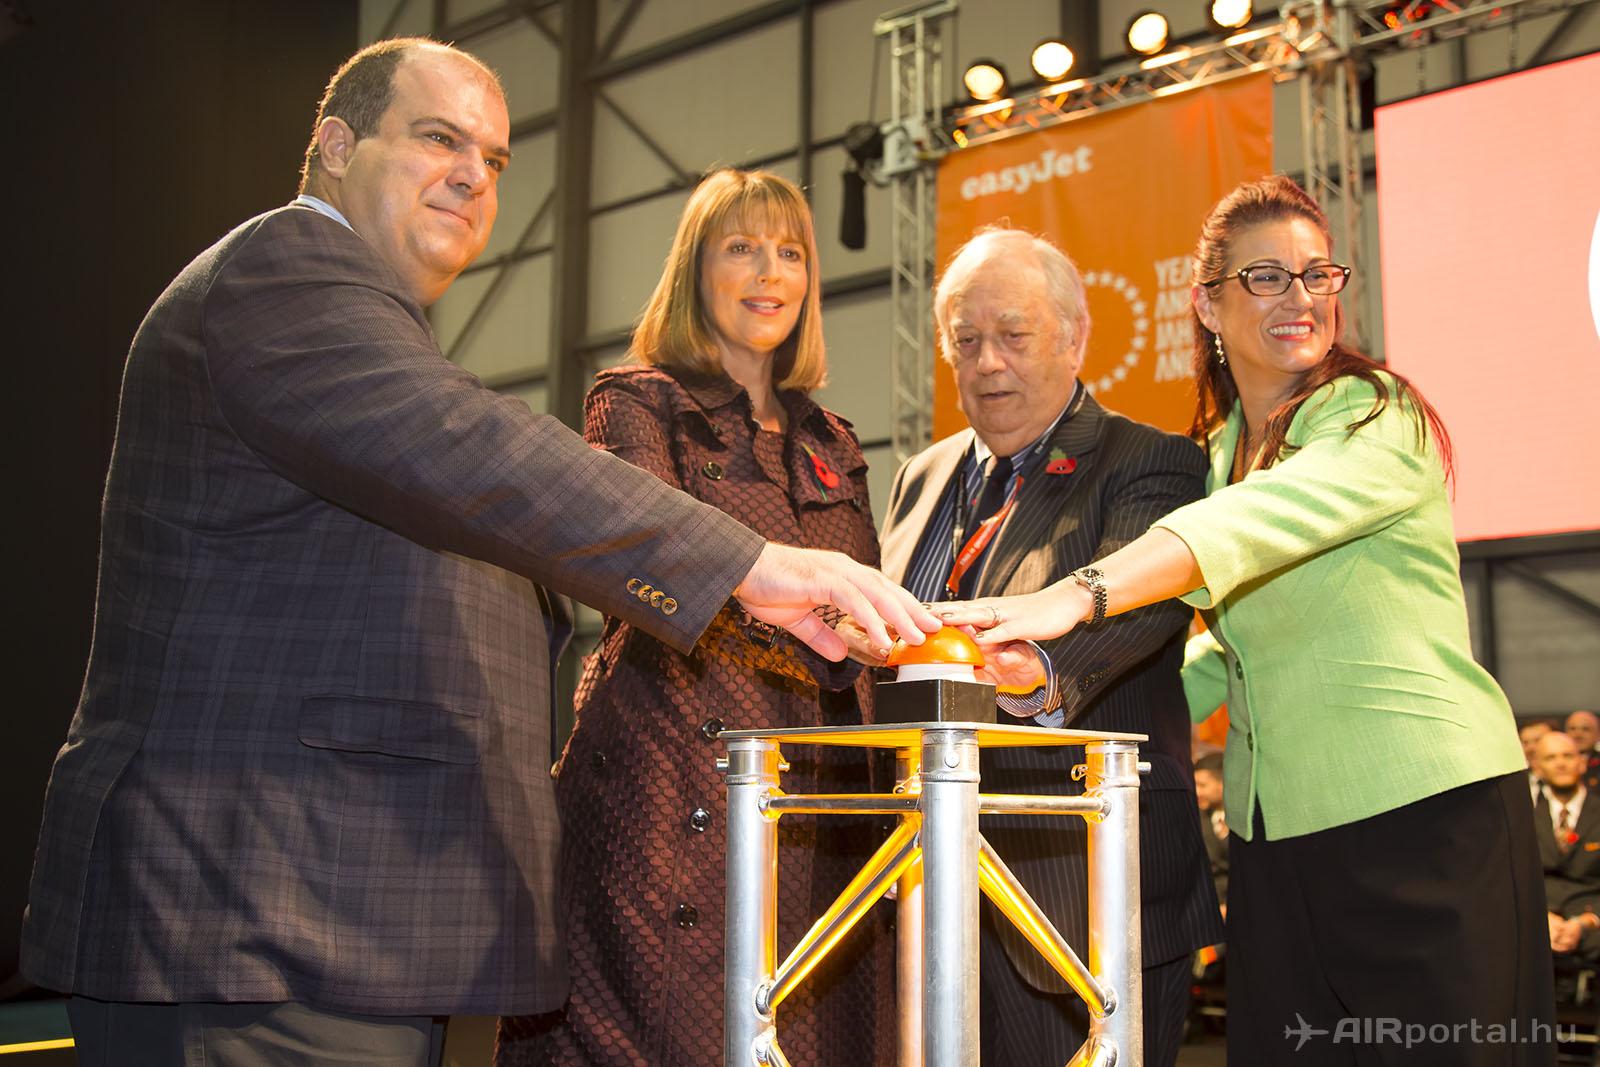 Stelois Haji-Iannou, a légitársaság alapítója és az easyJet márka jogtulajdonosa (balra), mellette Carolyn McCall az easyJet vezérigazgatója a légitársaság alapításának 20. évfordulóján, 2015. novemberében, Lutonban. (Fotó: AIRportal.hu)   © AIRportal.hu